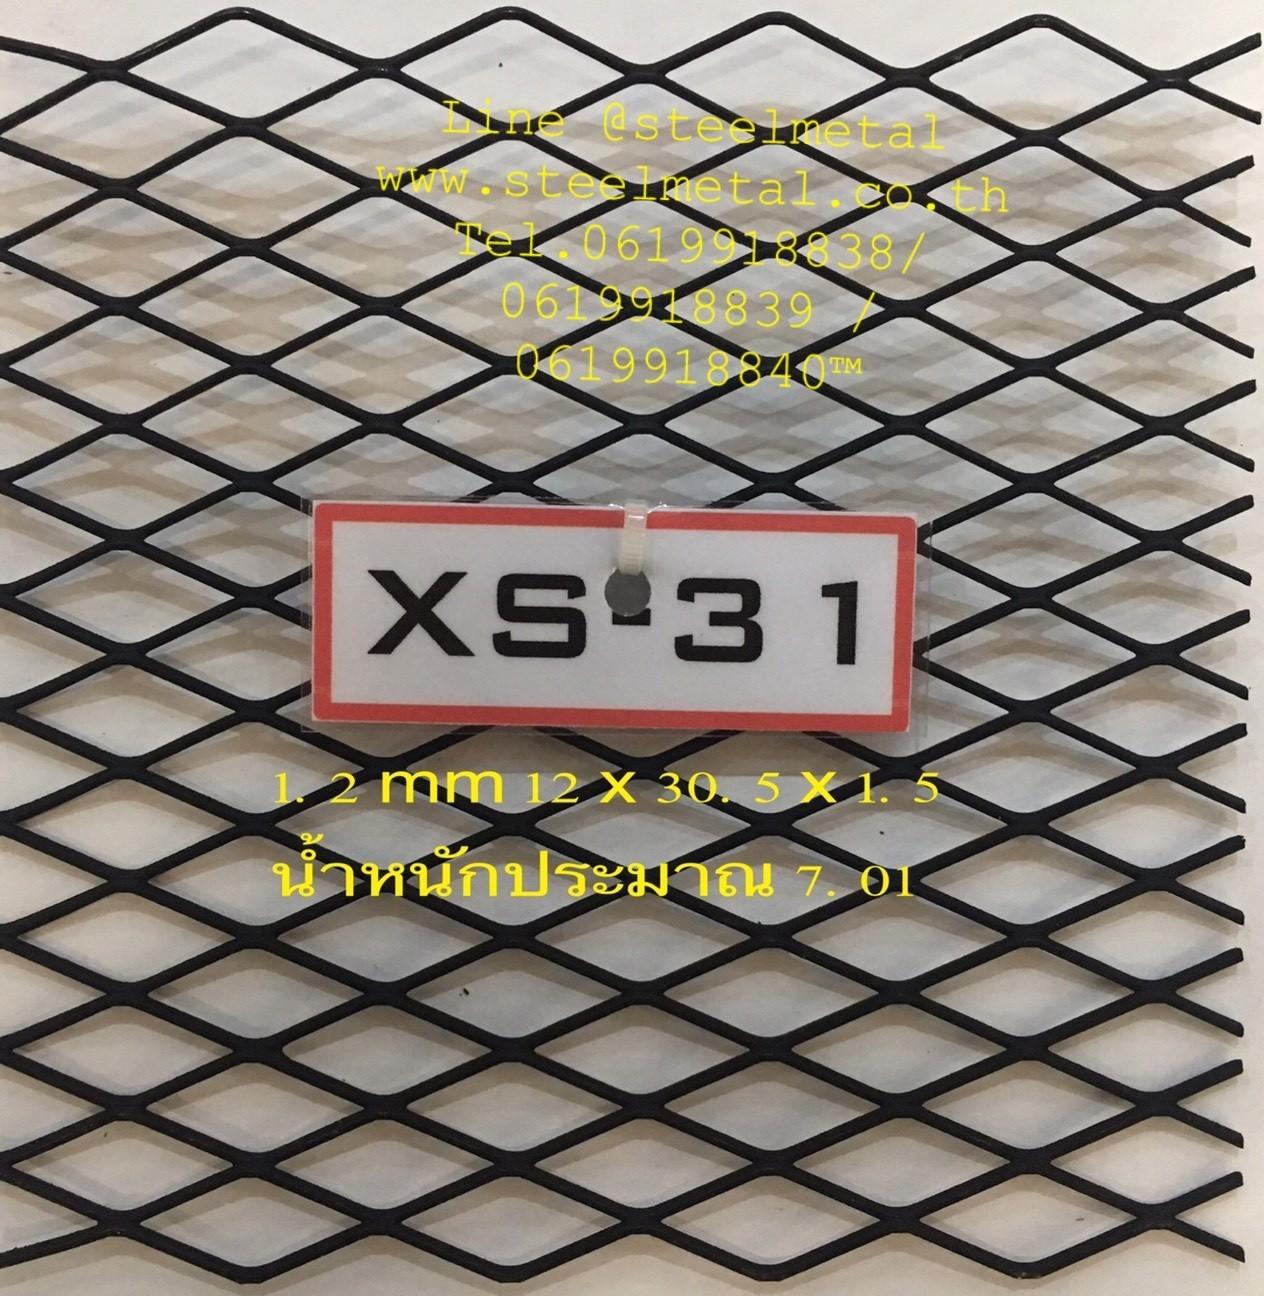 ตะแกรงเหล็กฉีกxs31